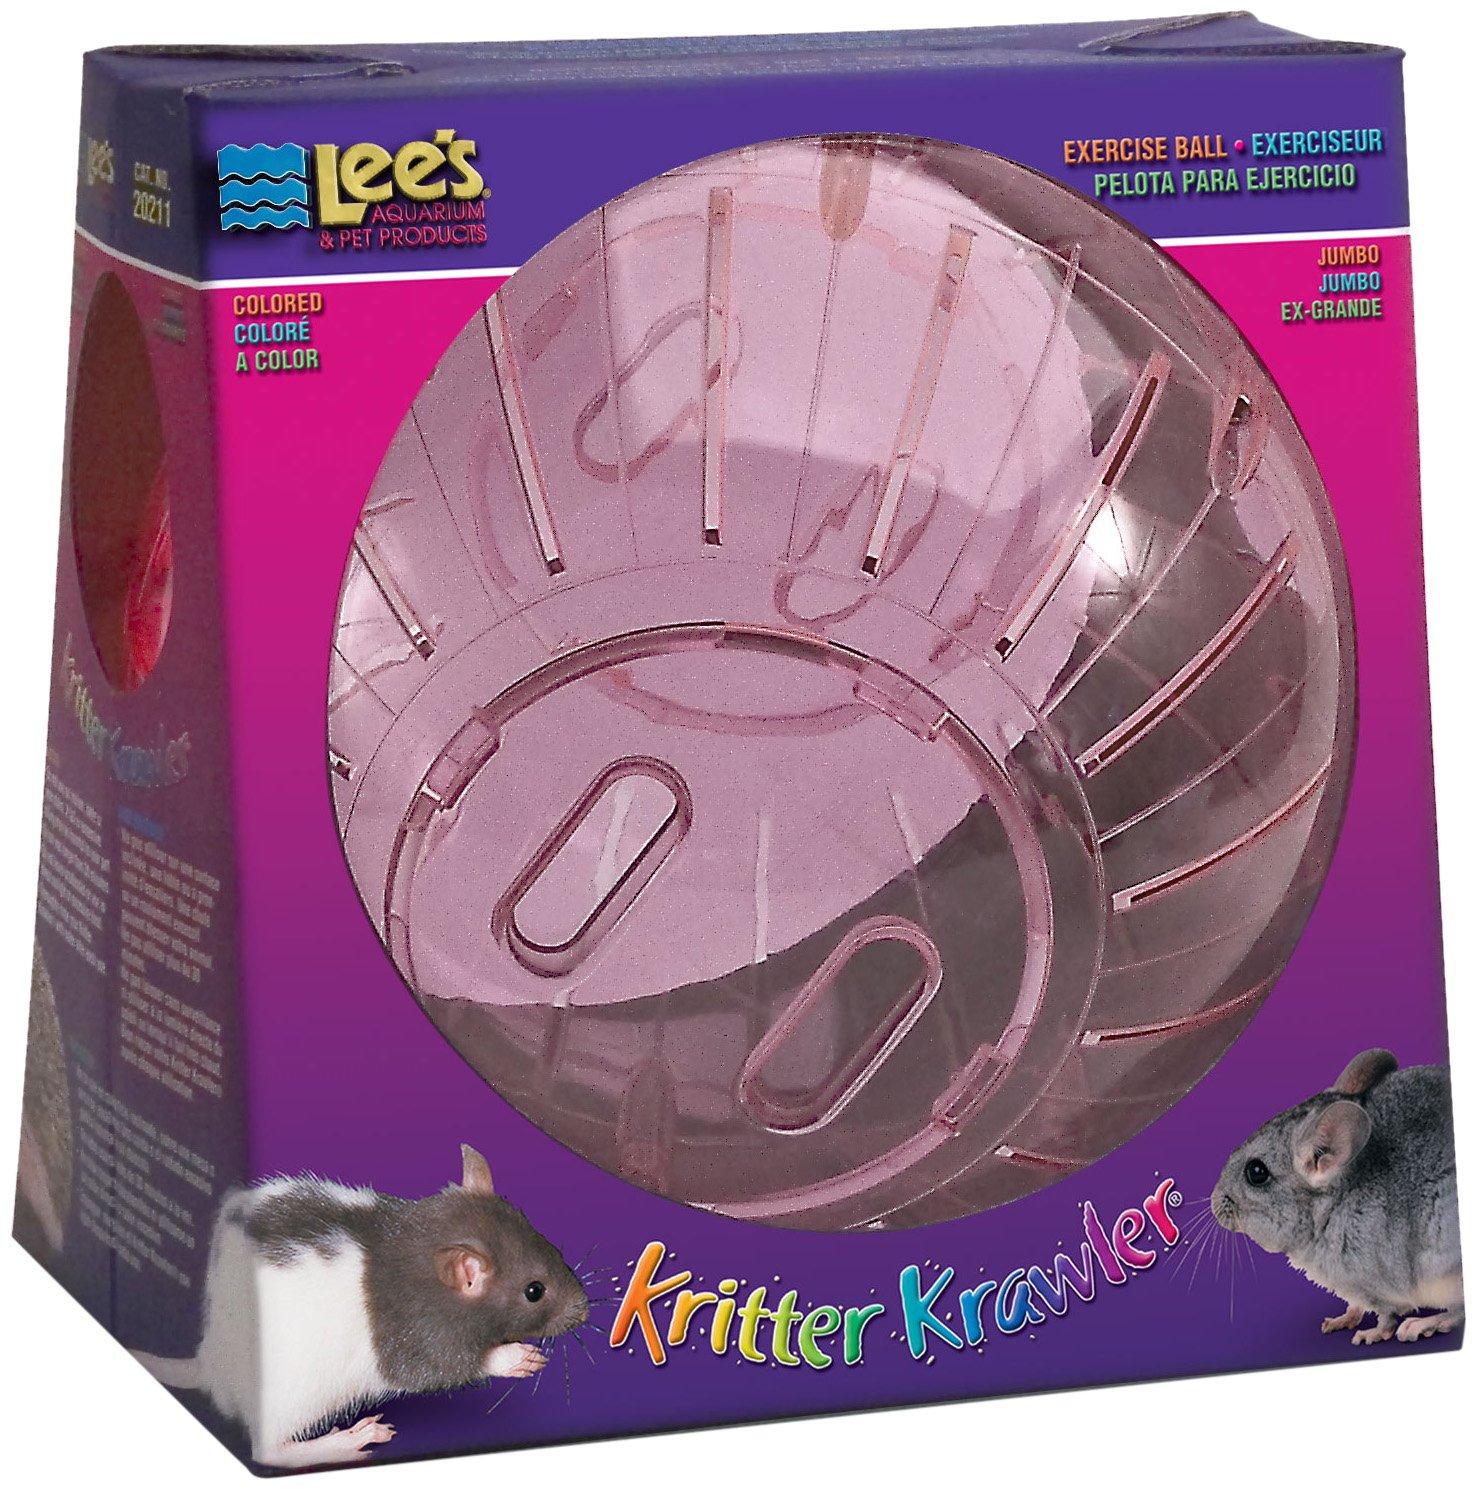 Lee's Kritter Krawler Jumbo Exercise Ball, 10-Inch, (Random colors) by Lee's